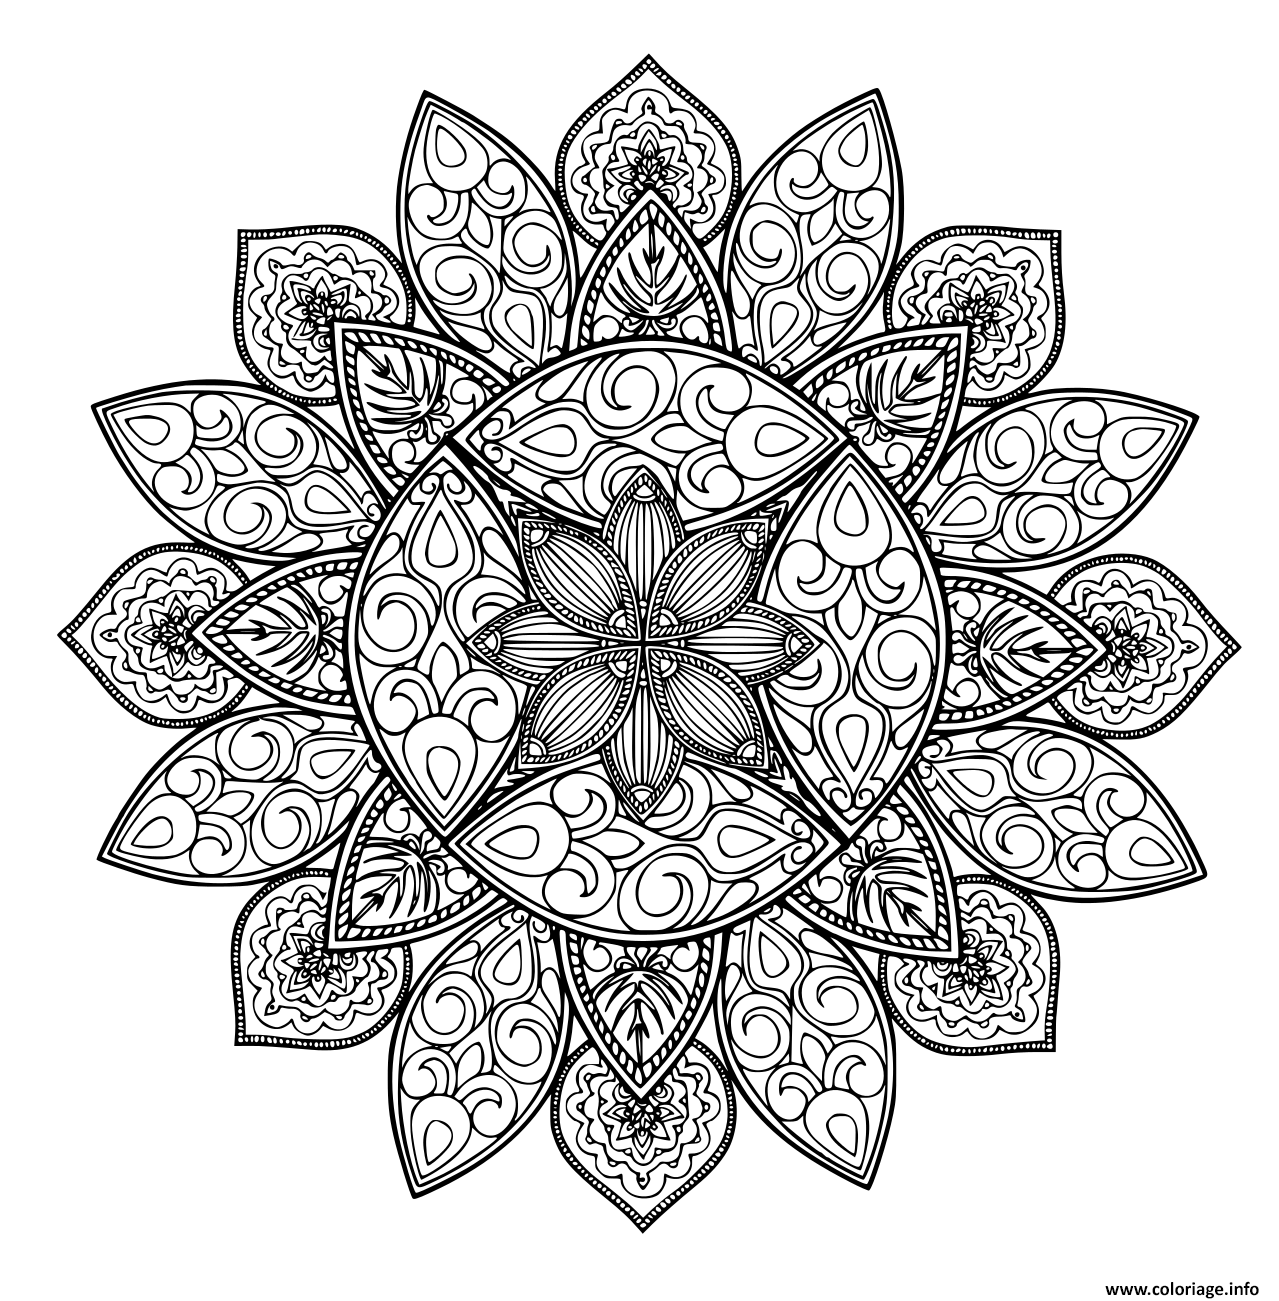 Dessin mandala forme geometrique Coloriage Gratuit à Imprimer